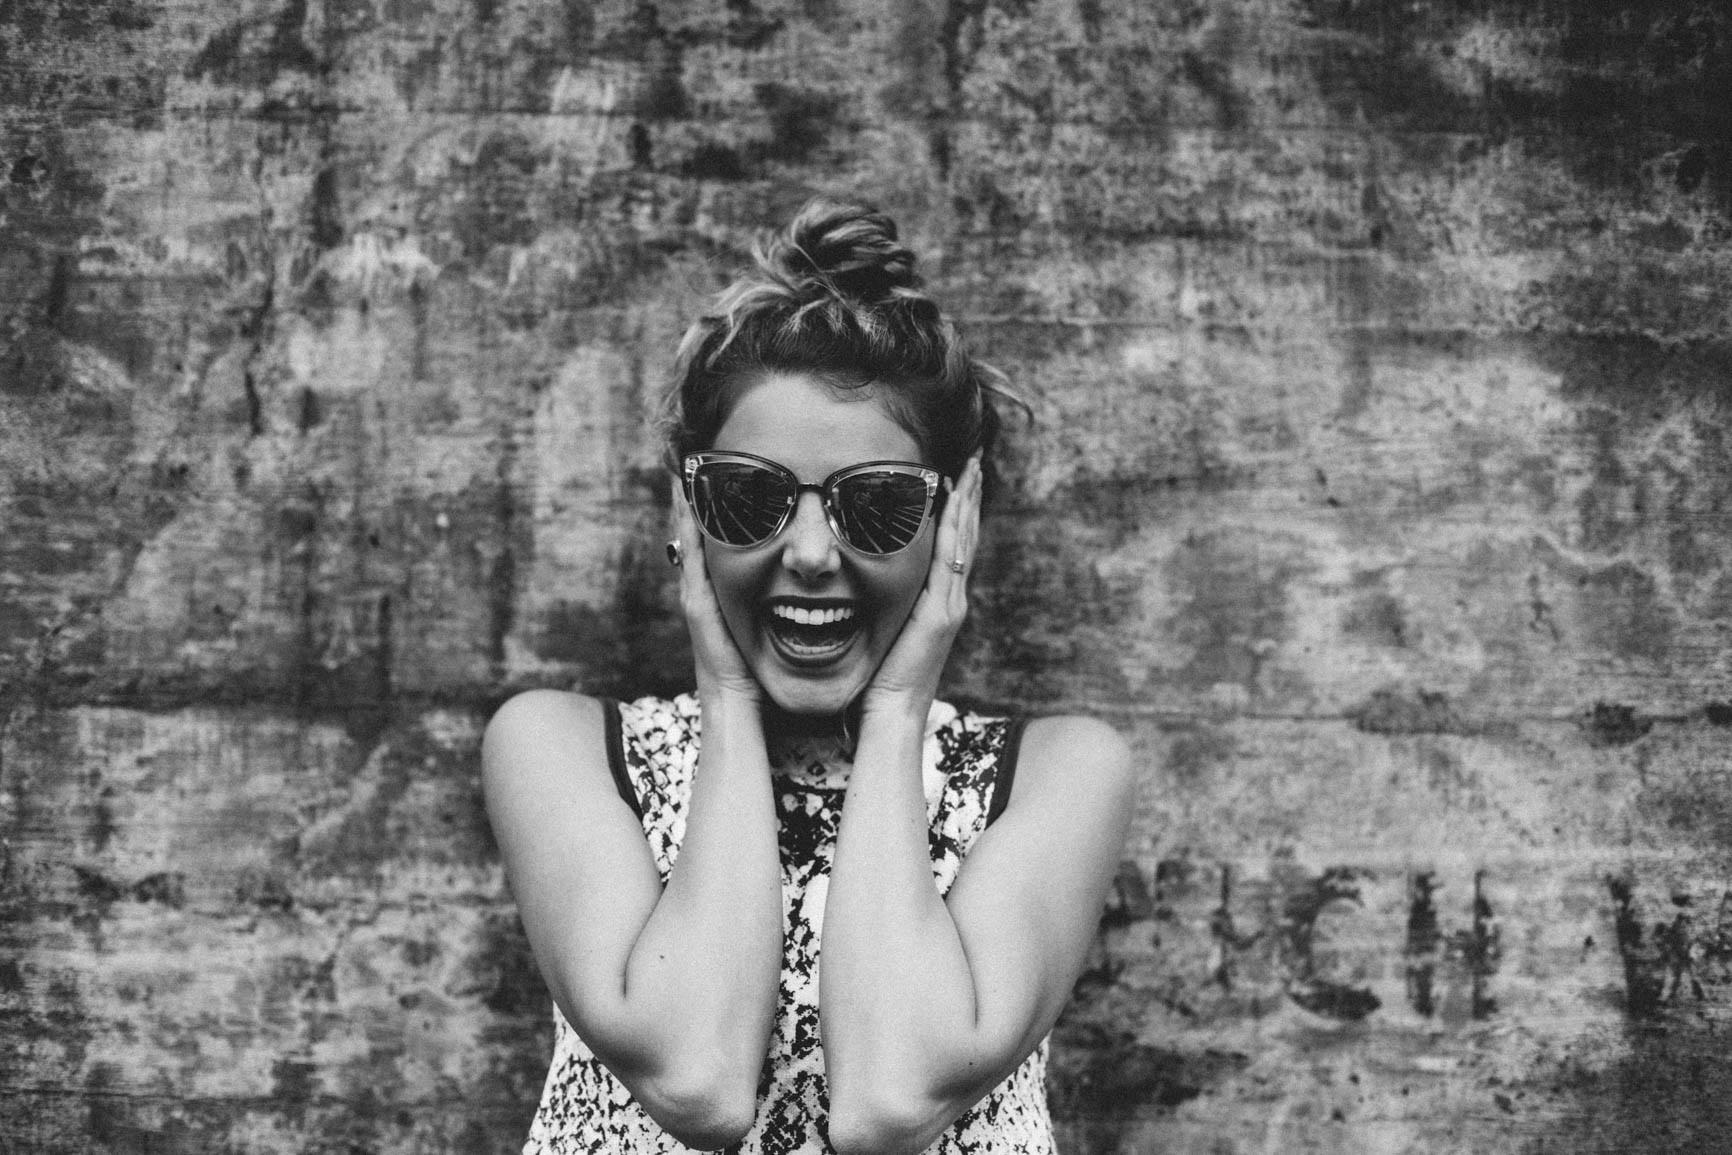 Peut-on cultiver la joie ?